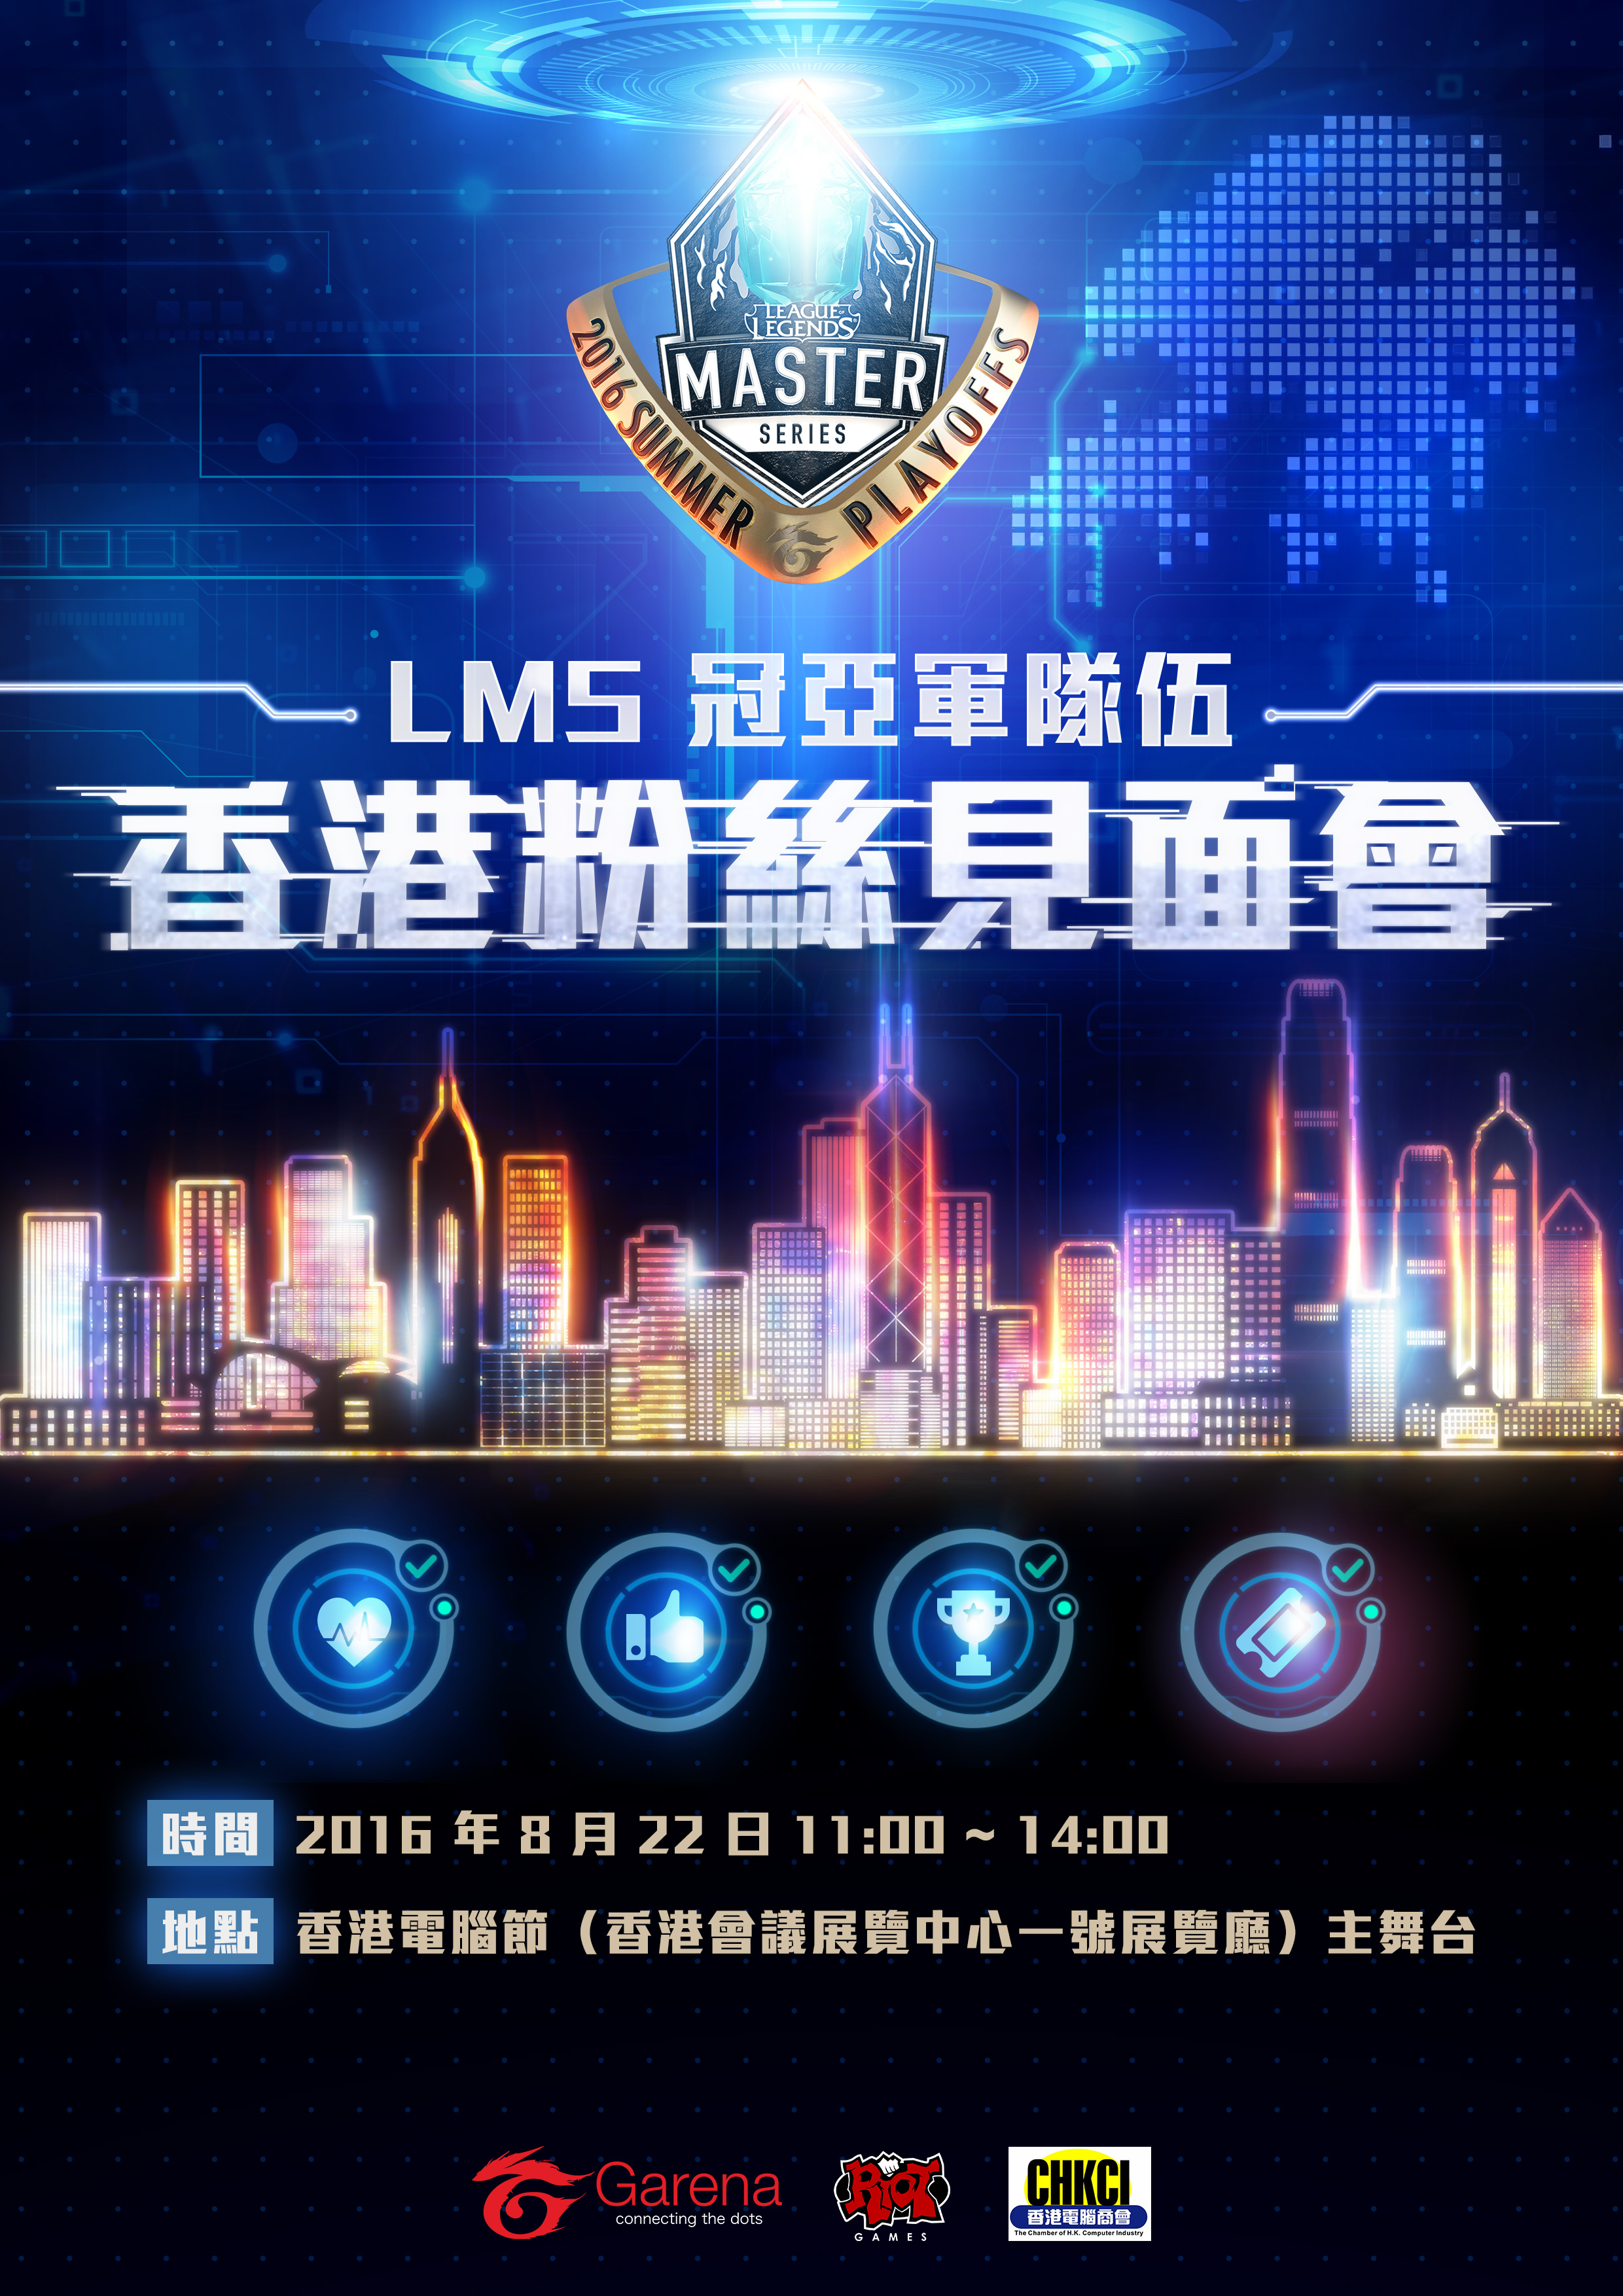 將於8月22日(一)在「香港電腦通訊節2016」主舞台,舉行《英雄聯盟》戰隊選手首場香港粉絲見面會。